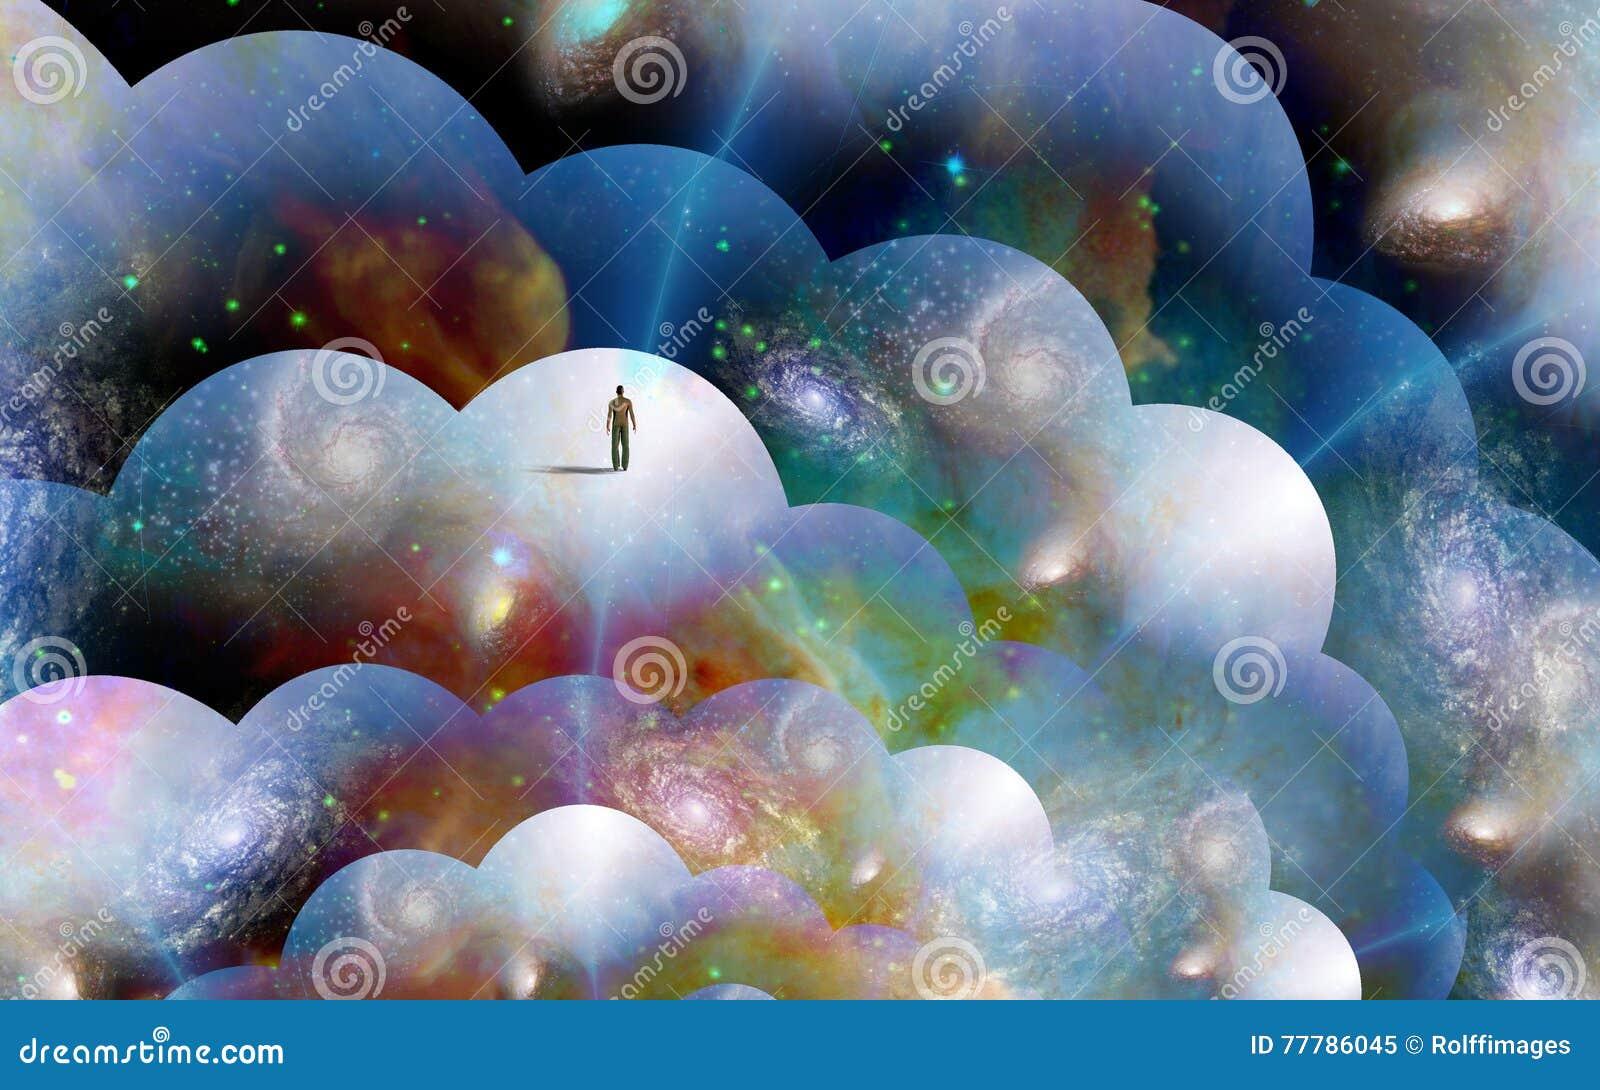 W multiverse